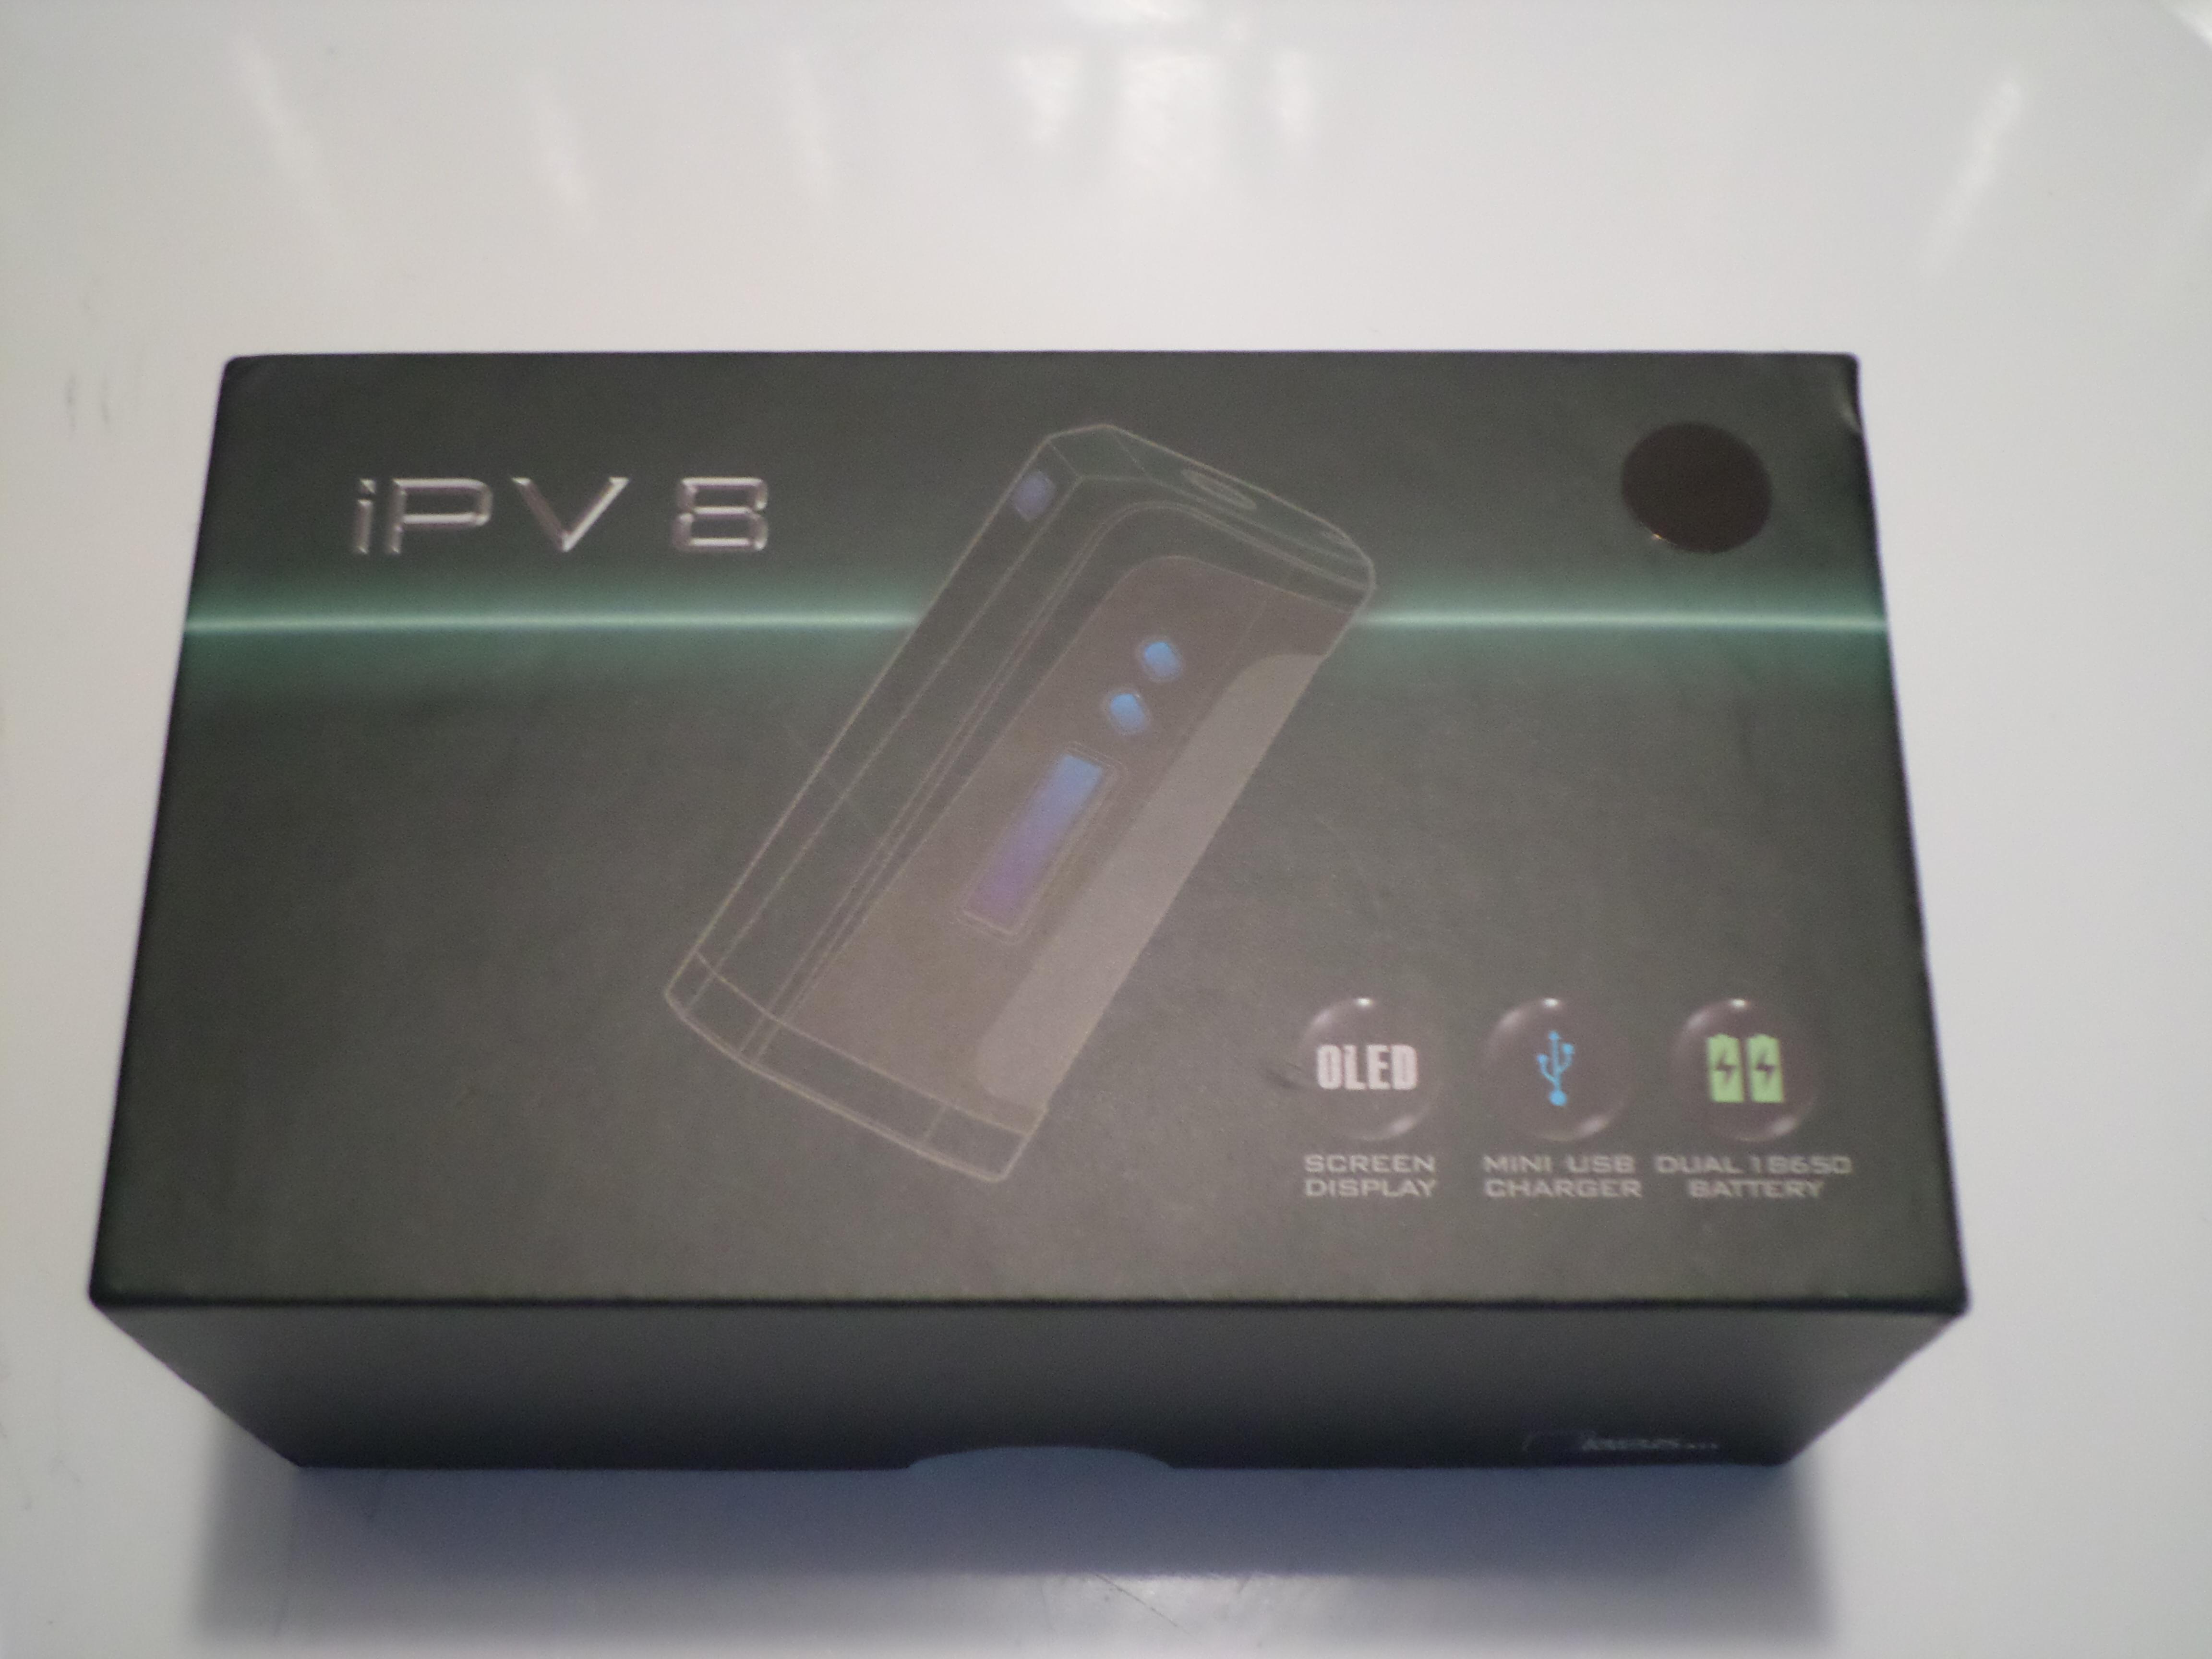 iPV 8